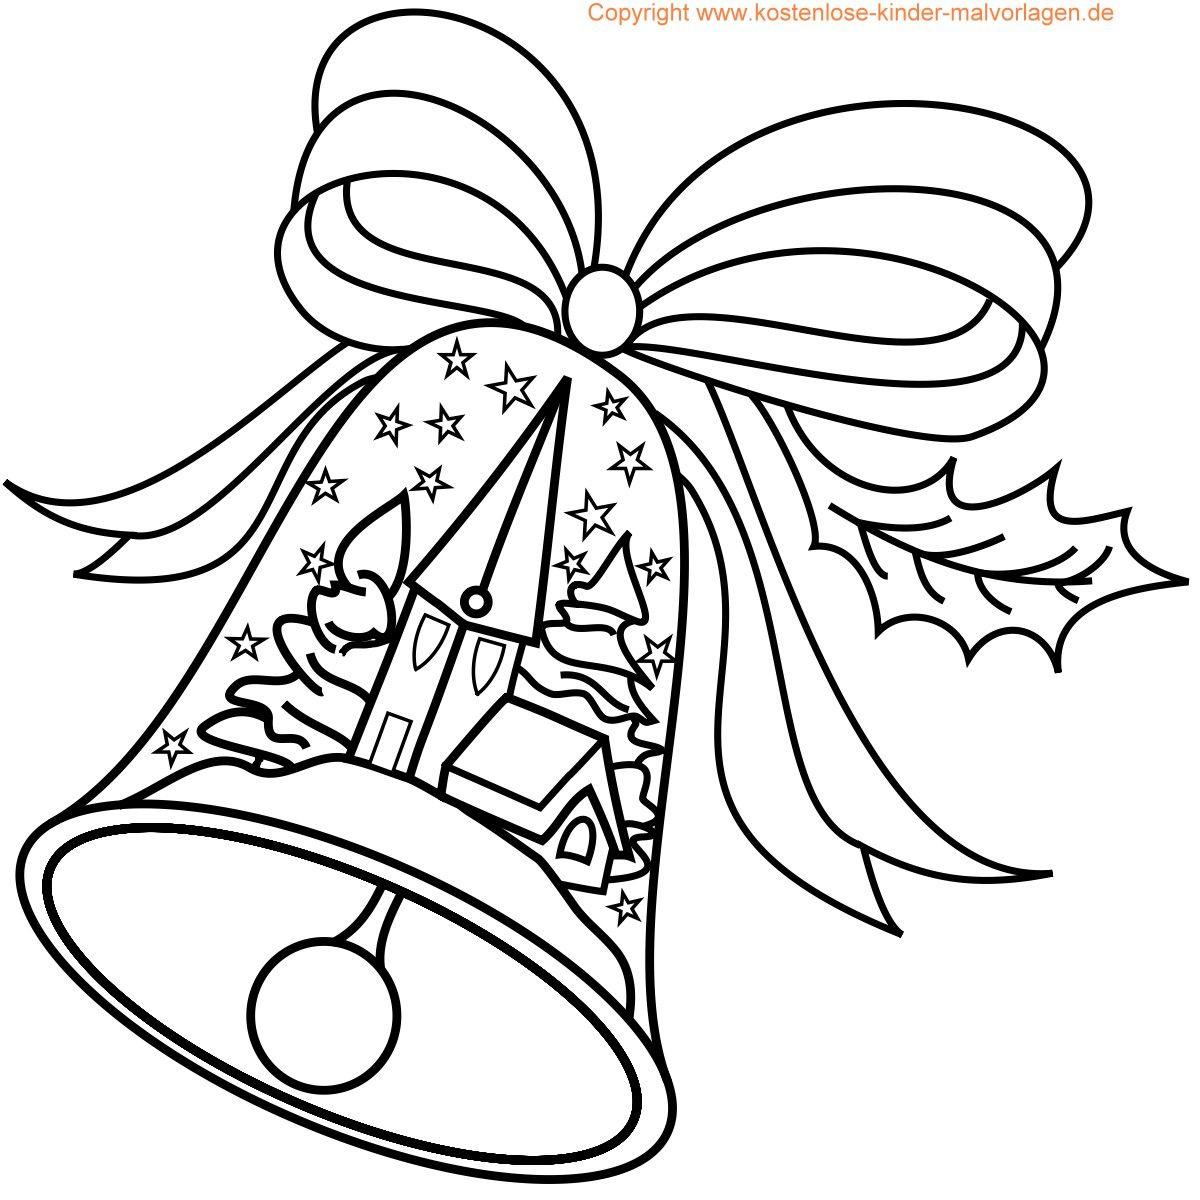 Weihnachten Malvorlagen | Malvorlagen Weihnachten verwandt mit Kostenlose Weihnachtsbilder Zum Ausdrucken